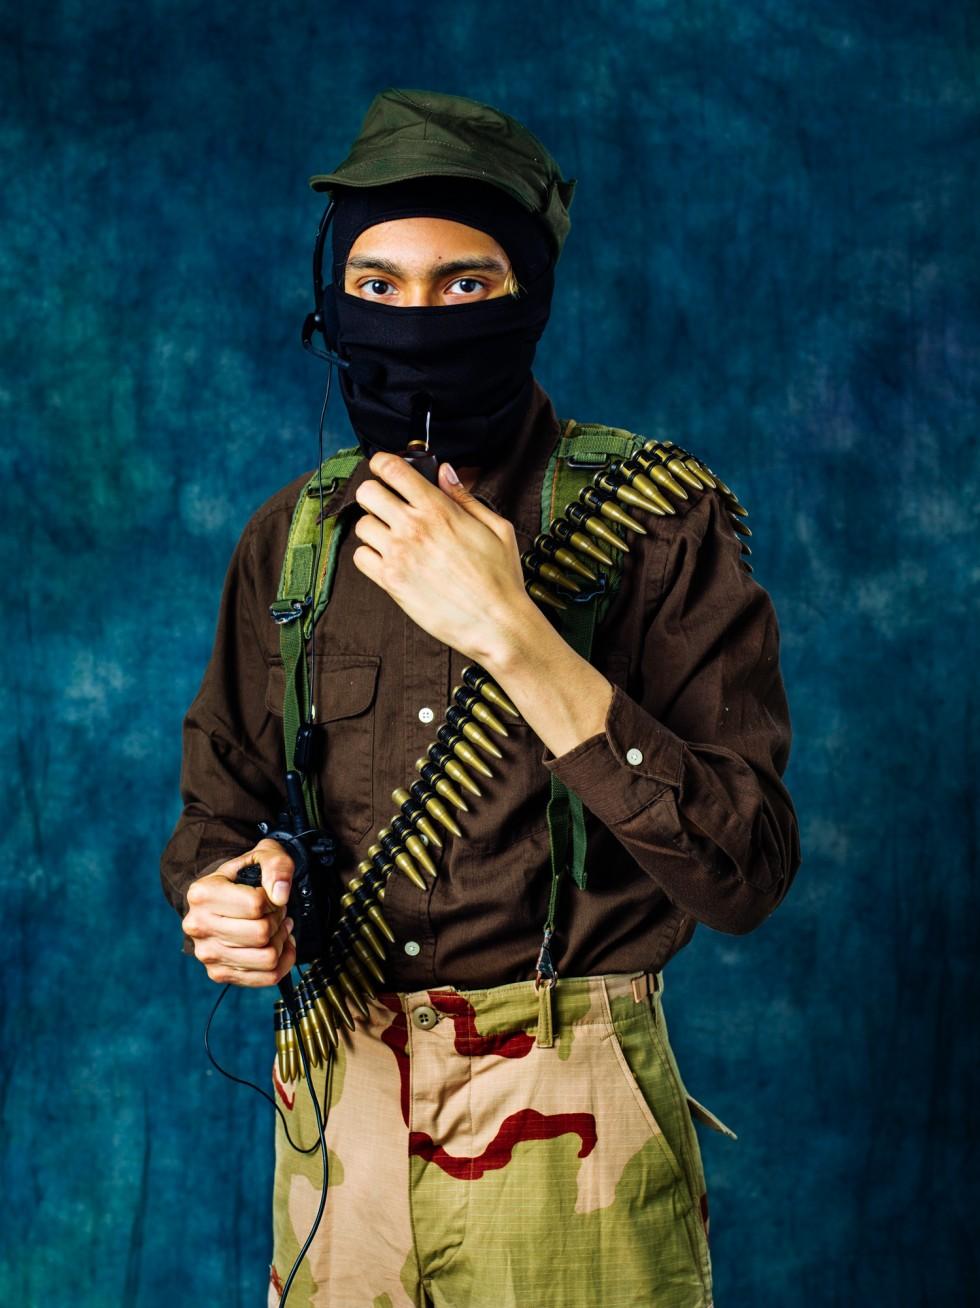 Self-portrait as Subcomandante Marcos